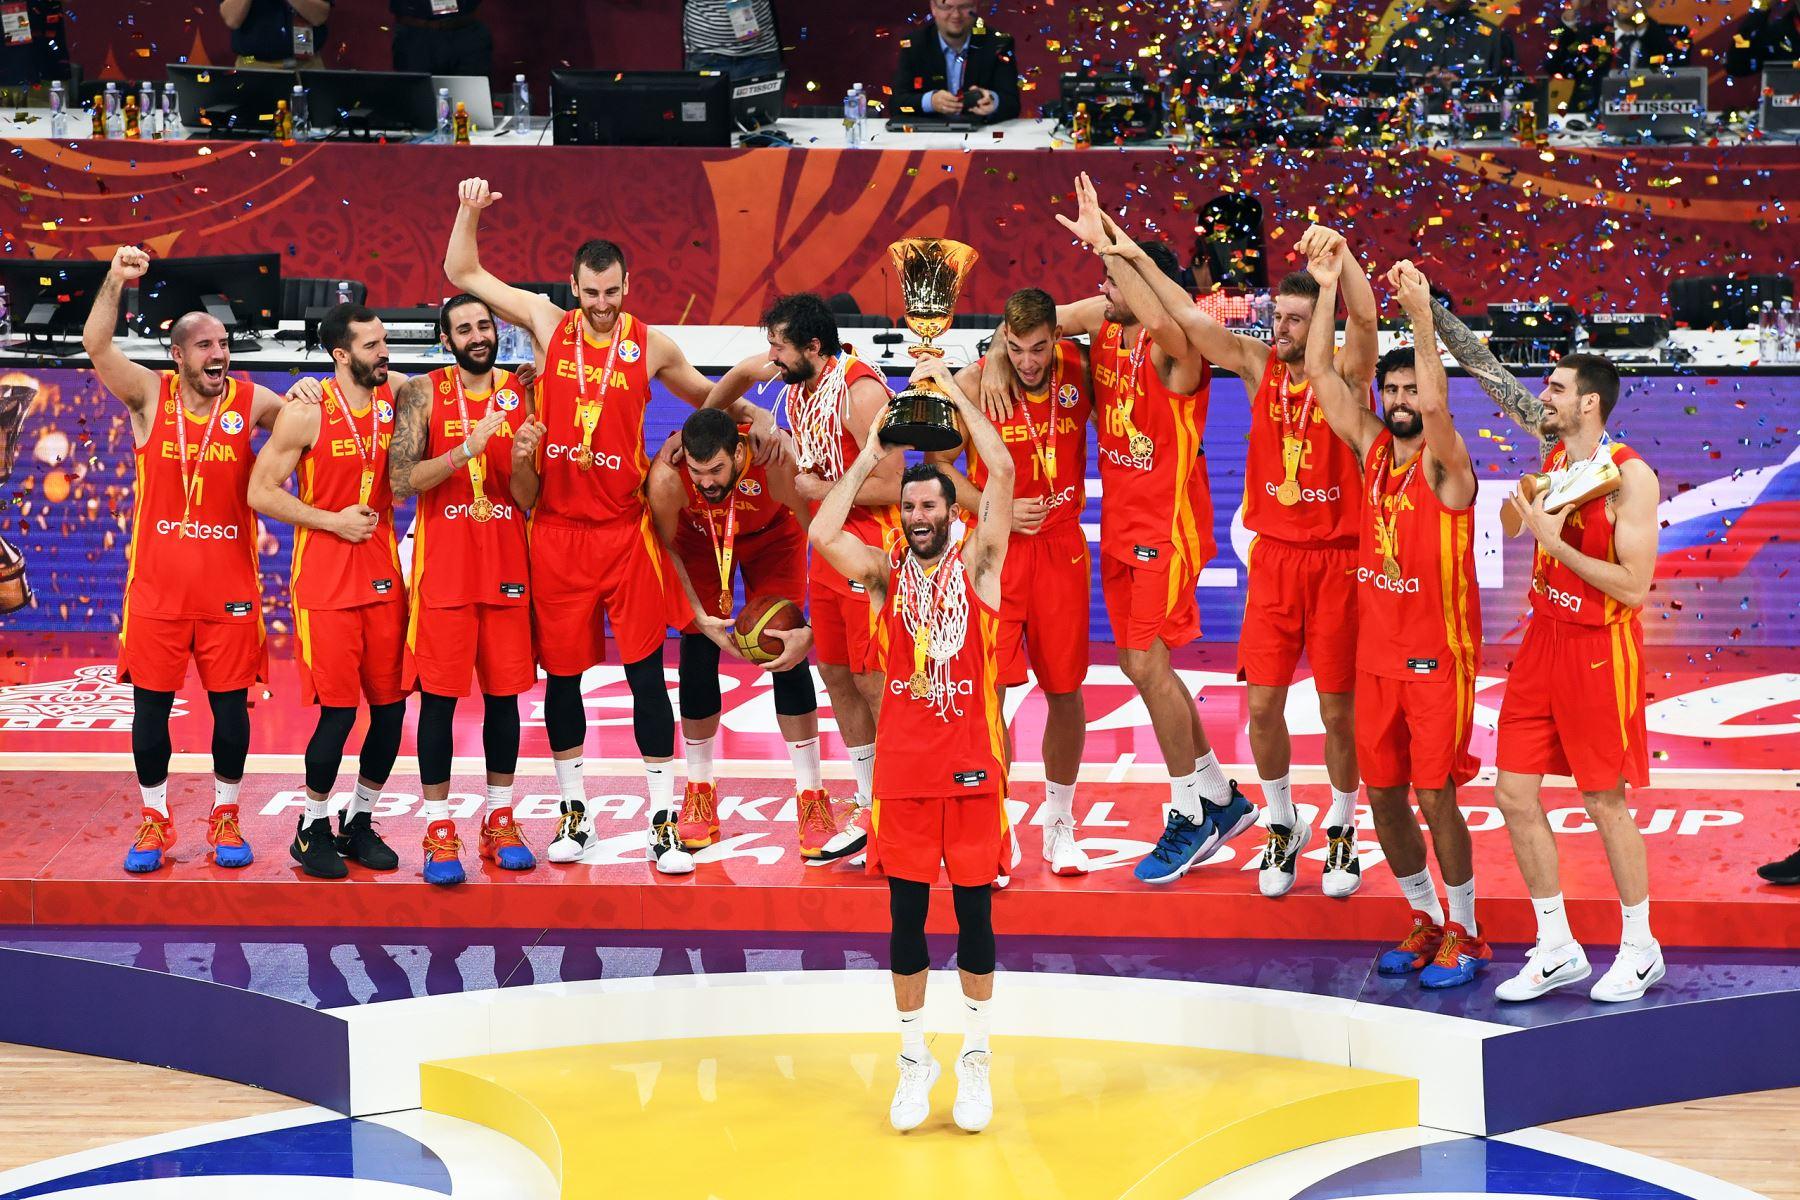 España celebra su triunfo después del partido contra el Equipo Argentina durante las Finales de la Copa Mundial FIBA 2019 en el Cadillac Arena  en Beijing, China.  Foto: AFP